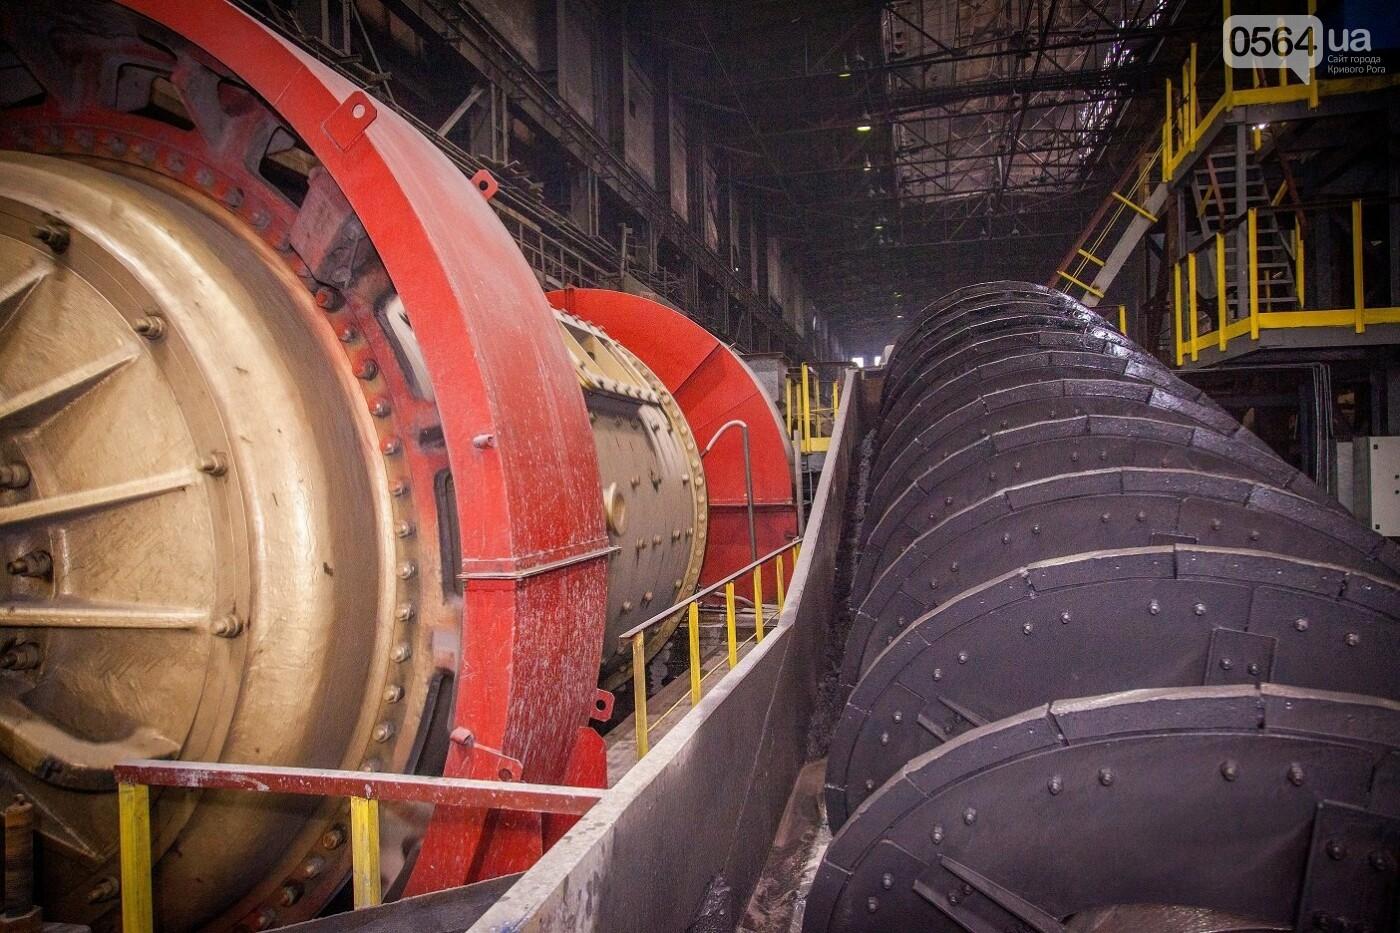 Южный ГОК ивестировал в модернизацию обогатительной фабрики 680 миллионов гривен, фото-1